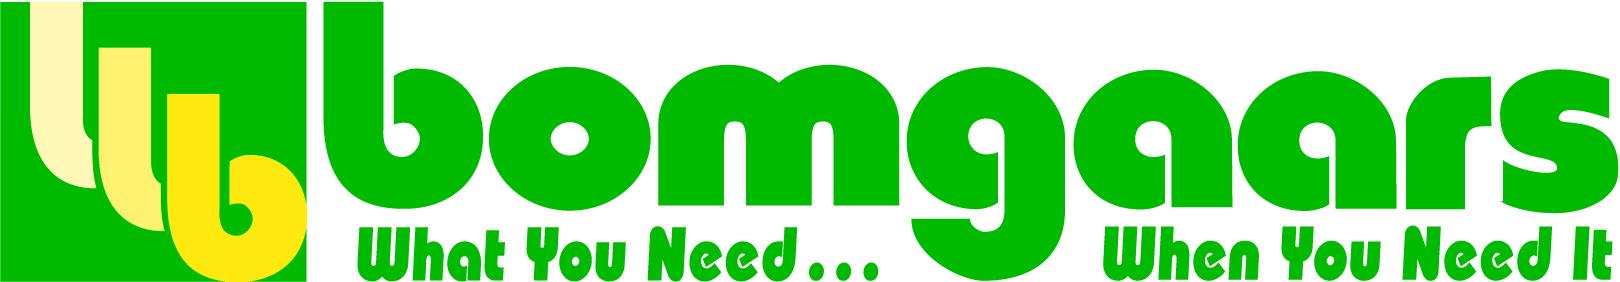 Bomgaars logo.jpg